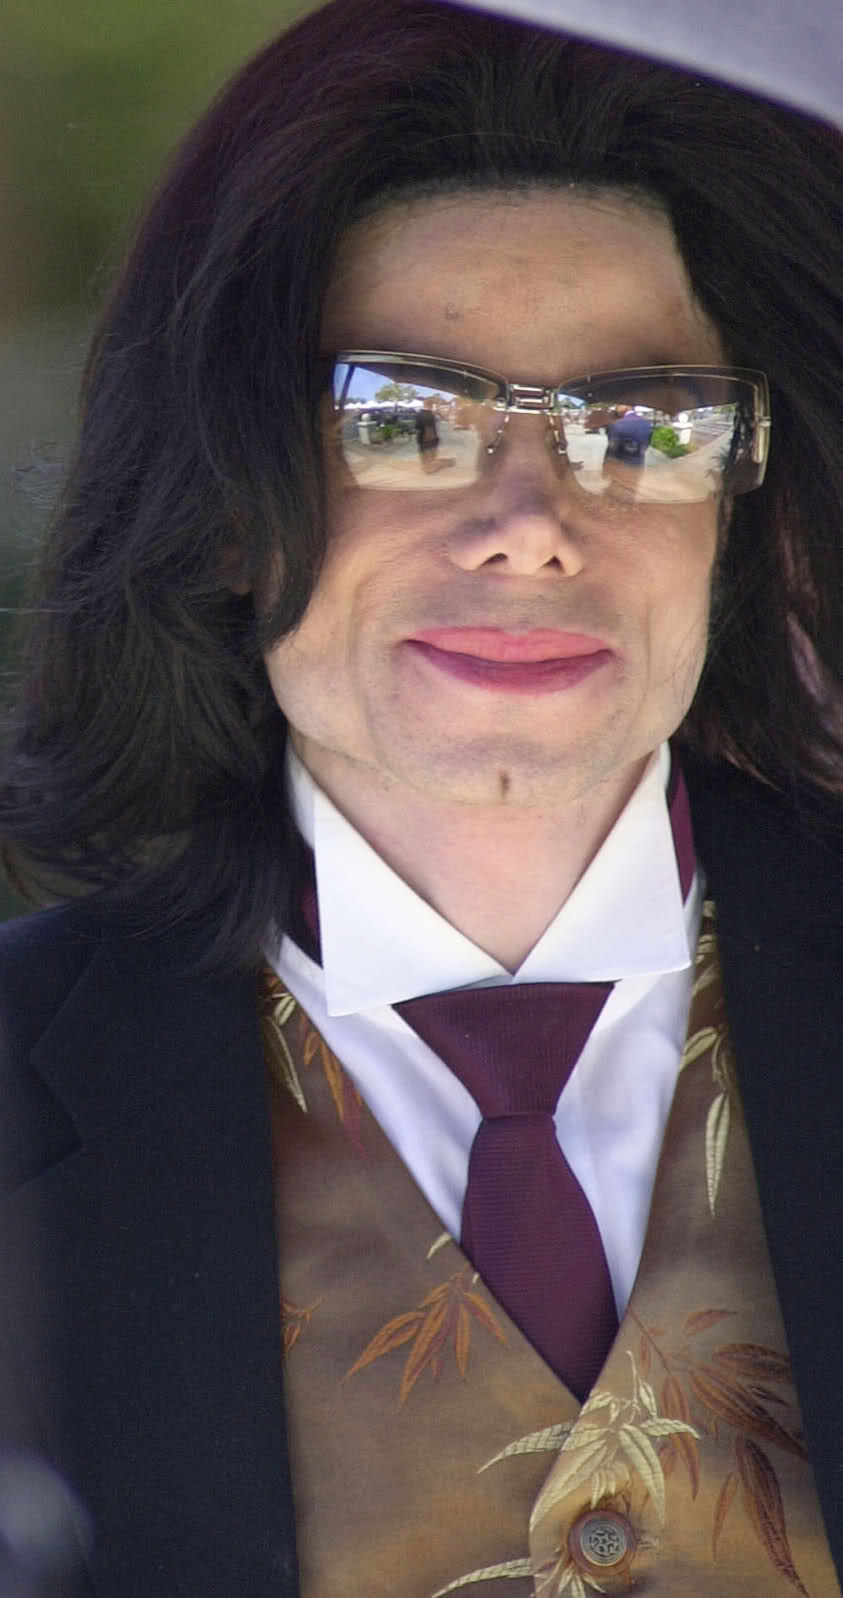 Il sorriso di Michael - Pagina 2 R9pylz